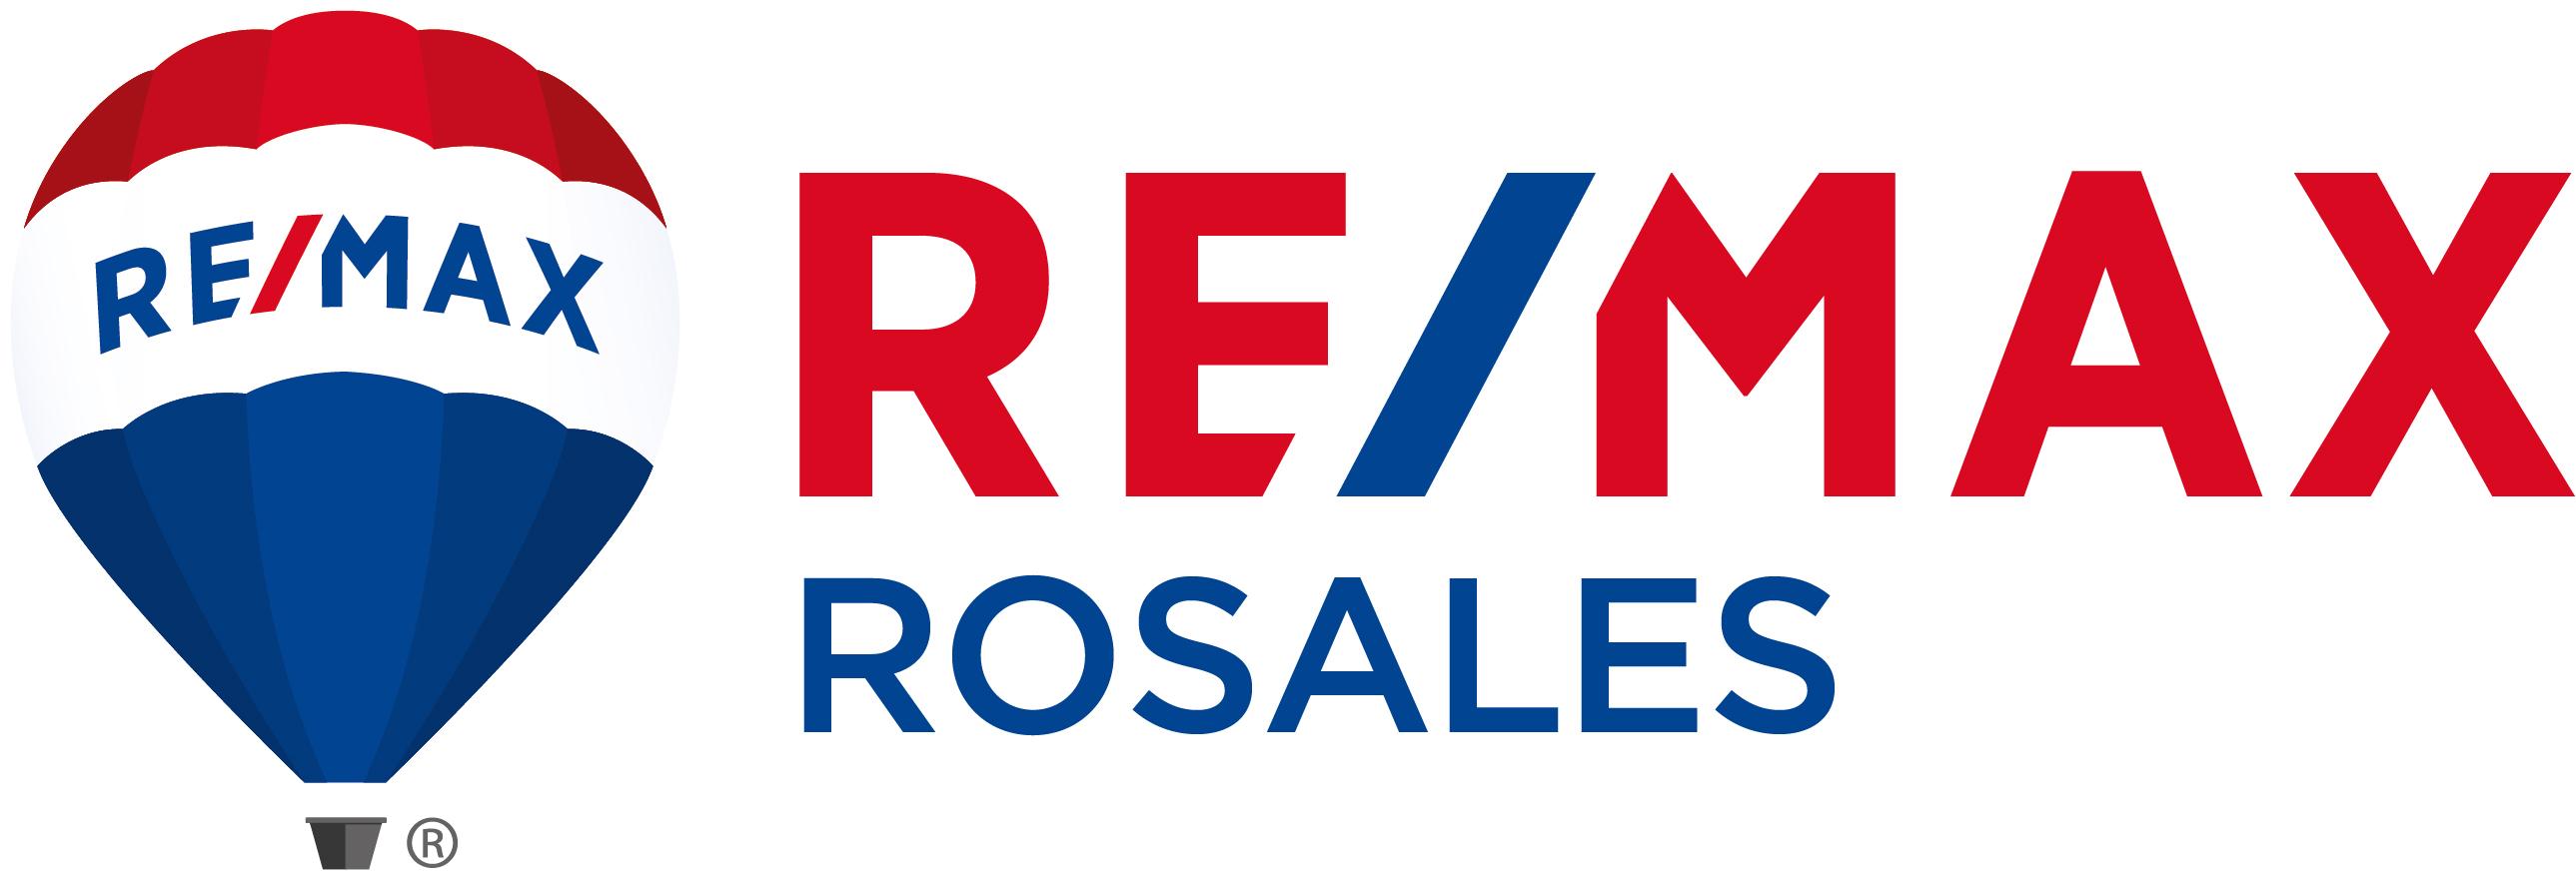 RE/MAX Rosales